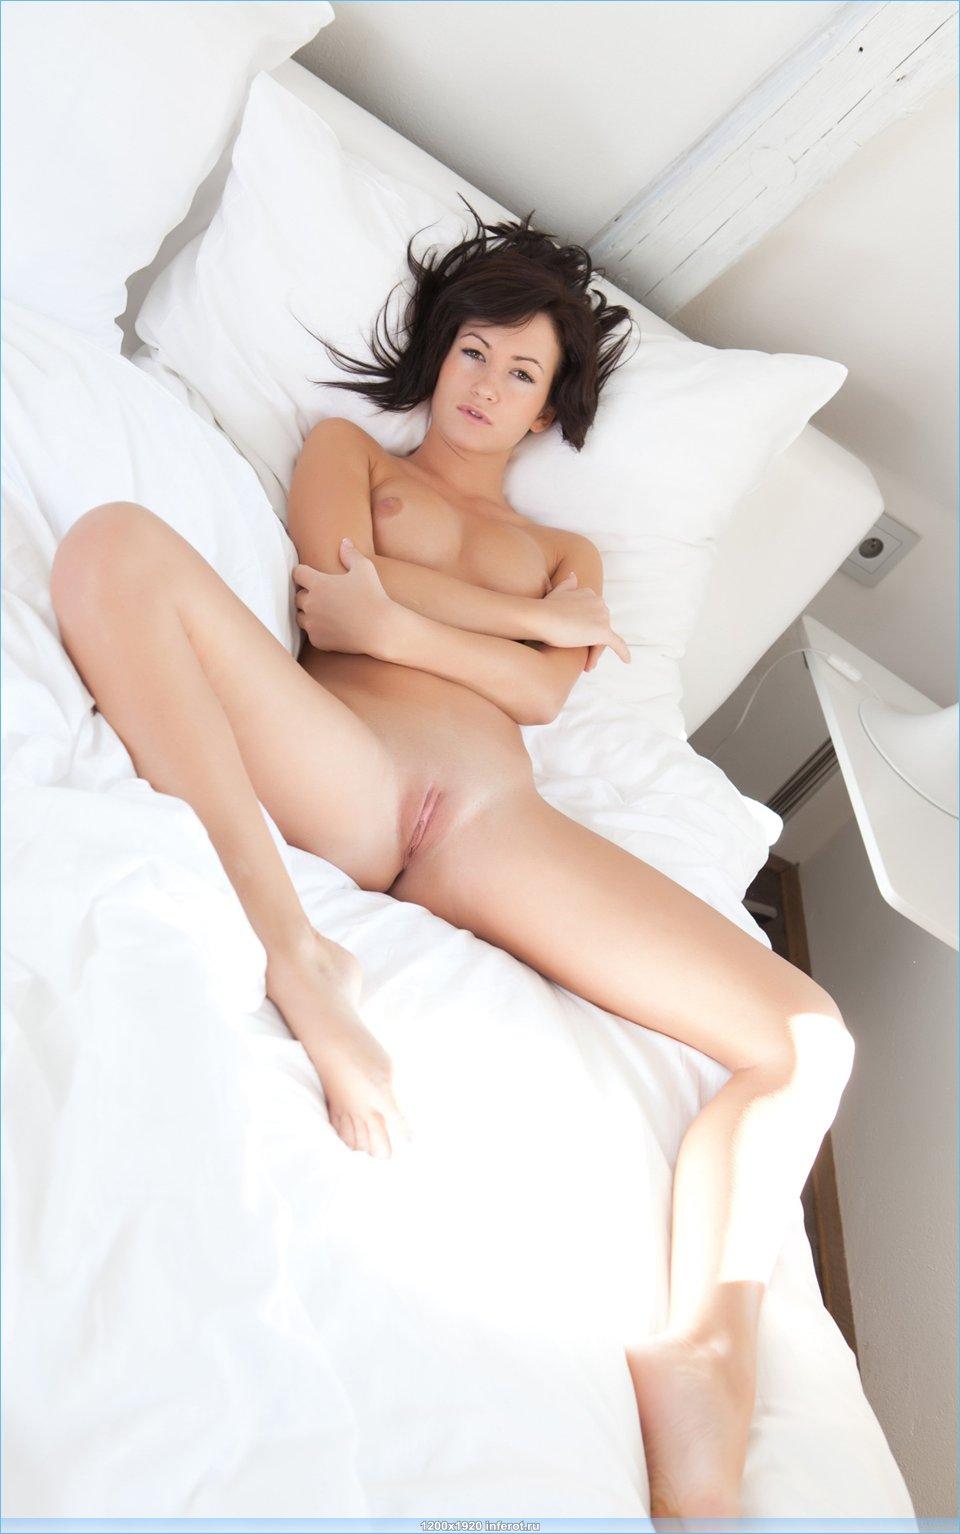 голая брюнетка в постели в оджидании